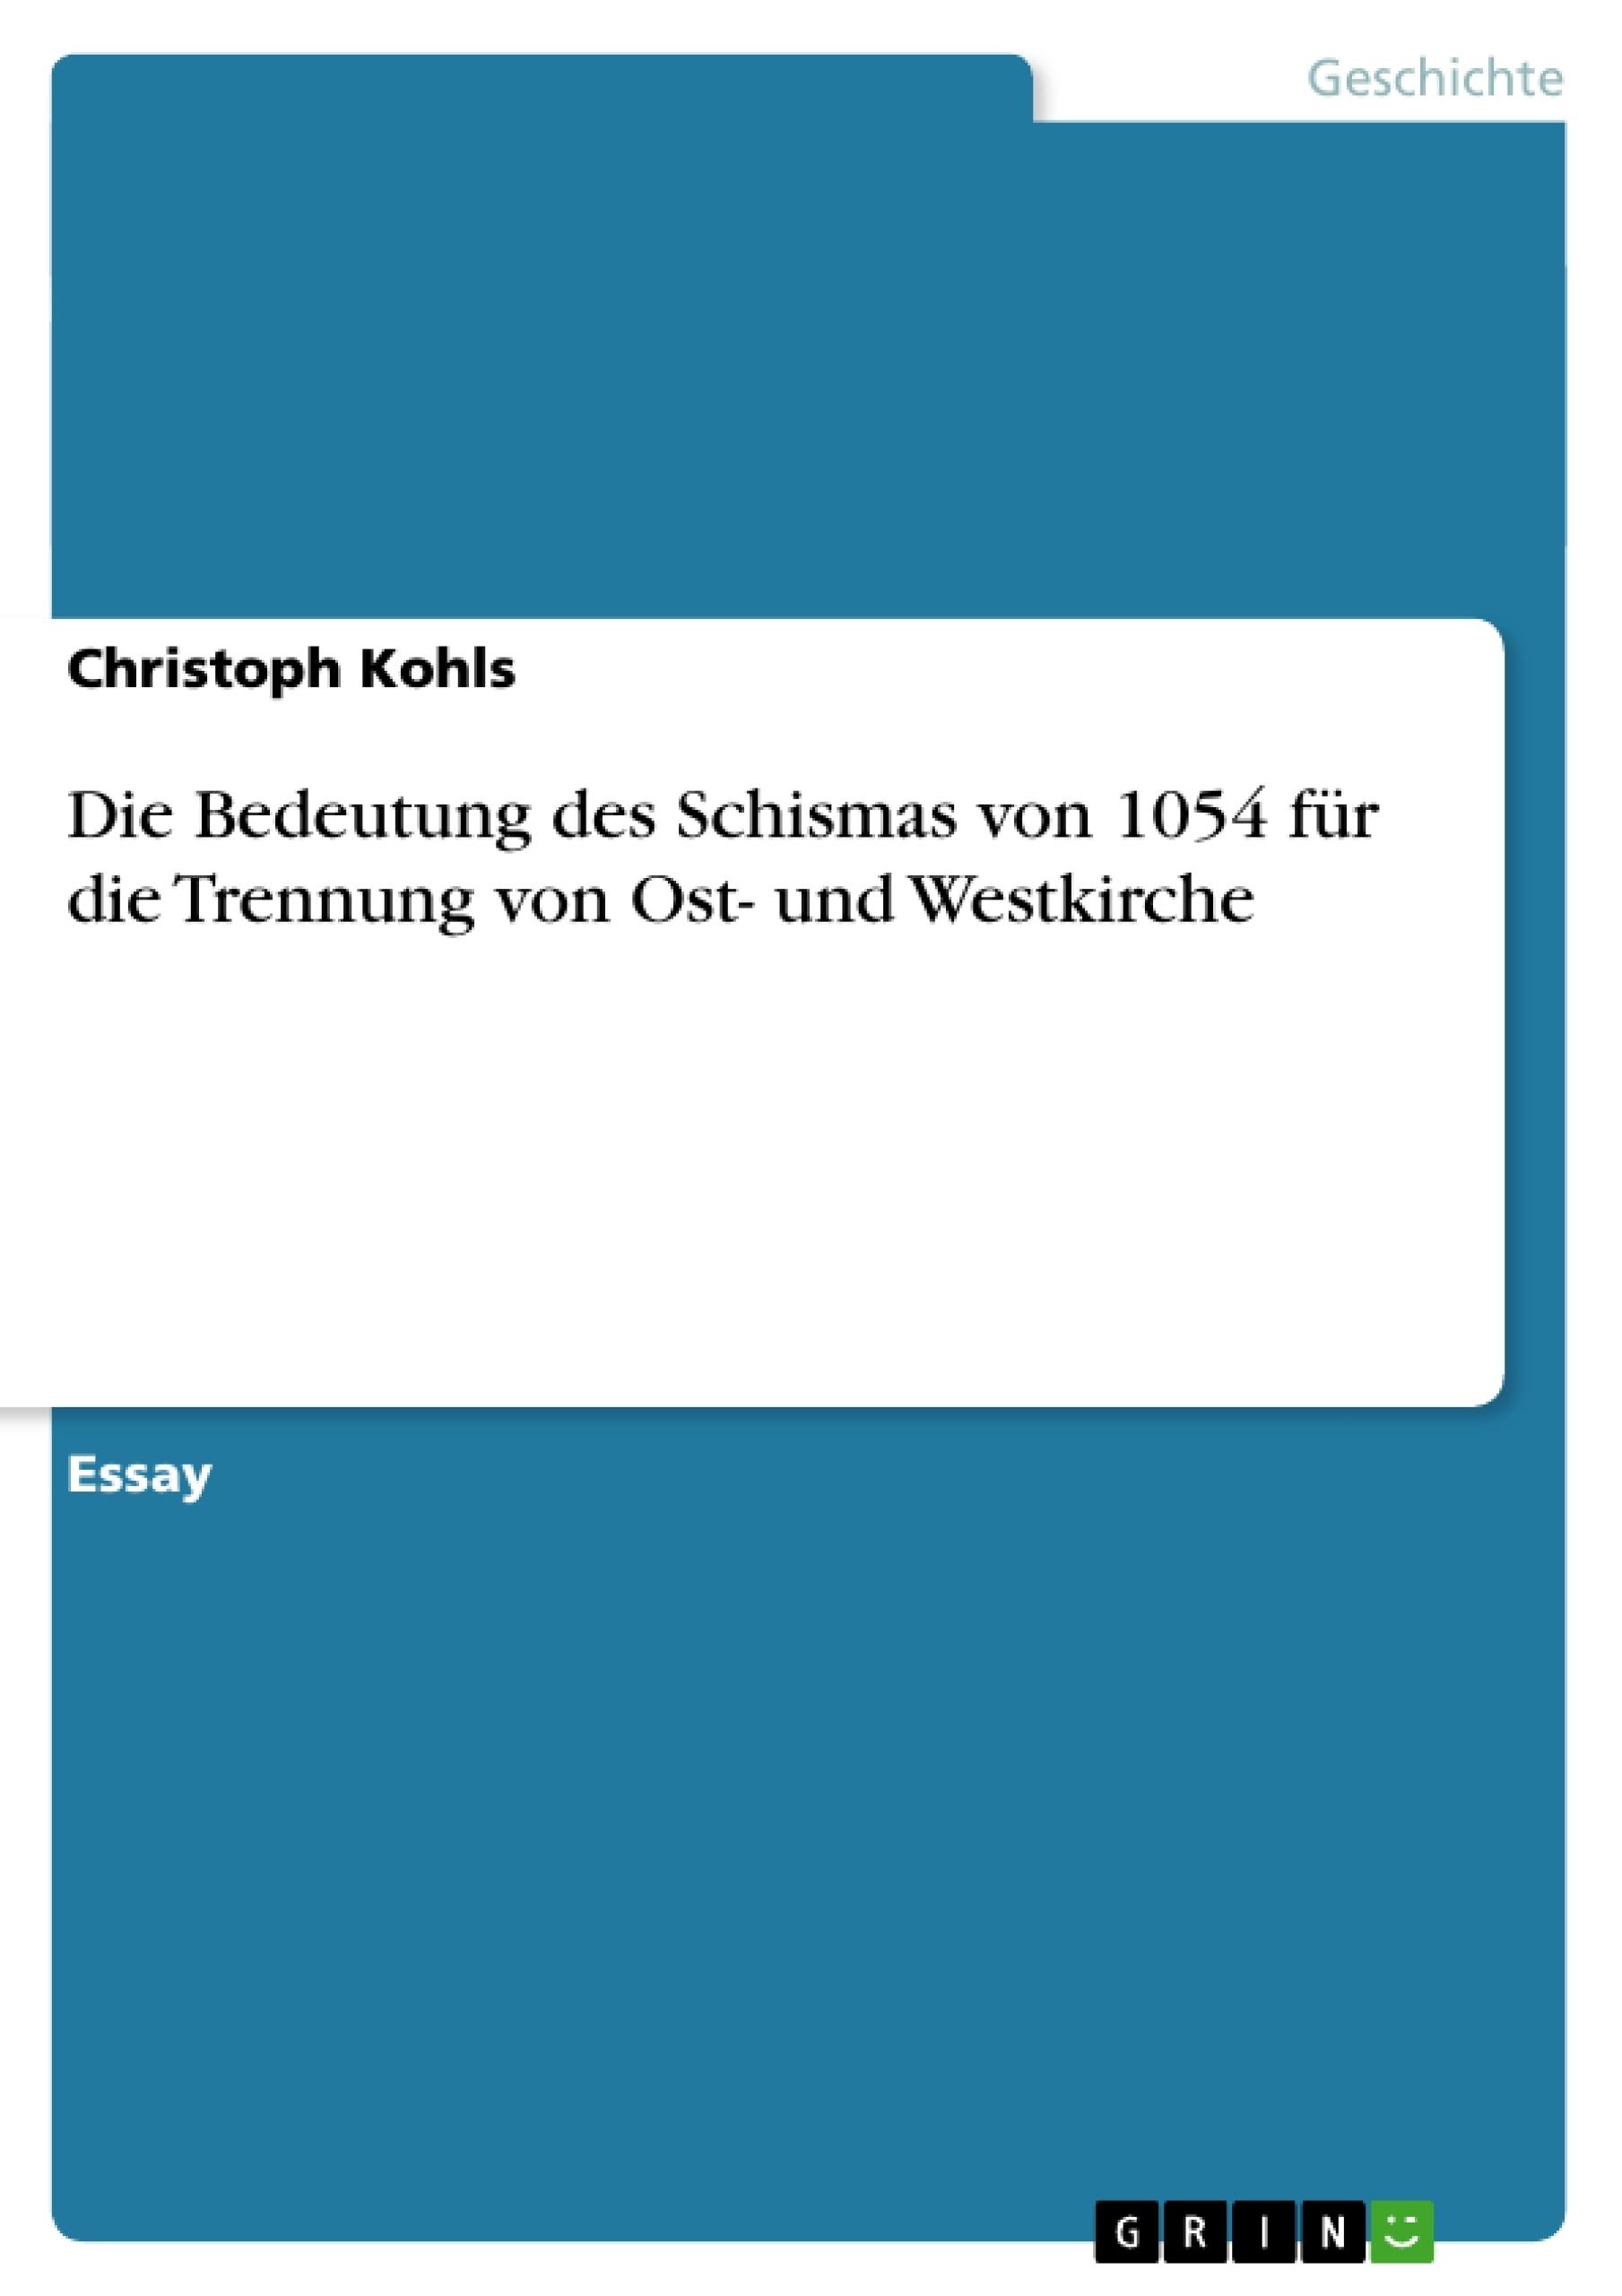 Titel: Die Bedeutung des Schismas von 1054 für die Trennung von Ost- und Westkirche